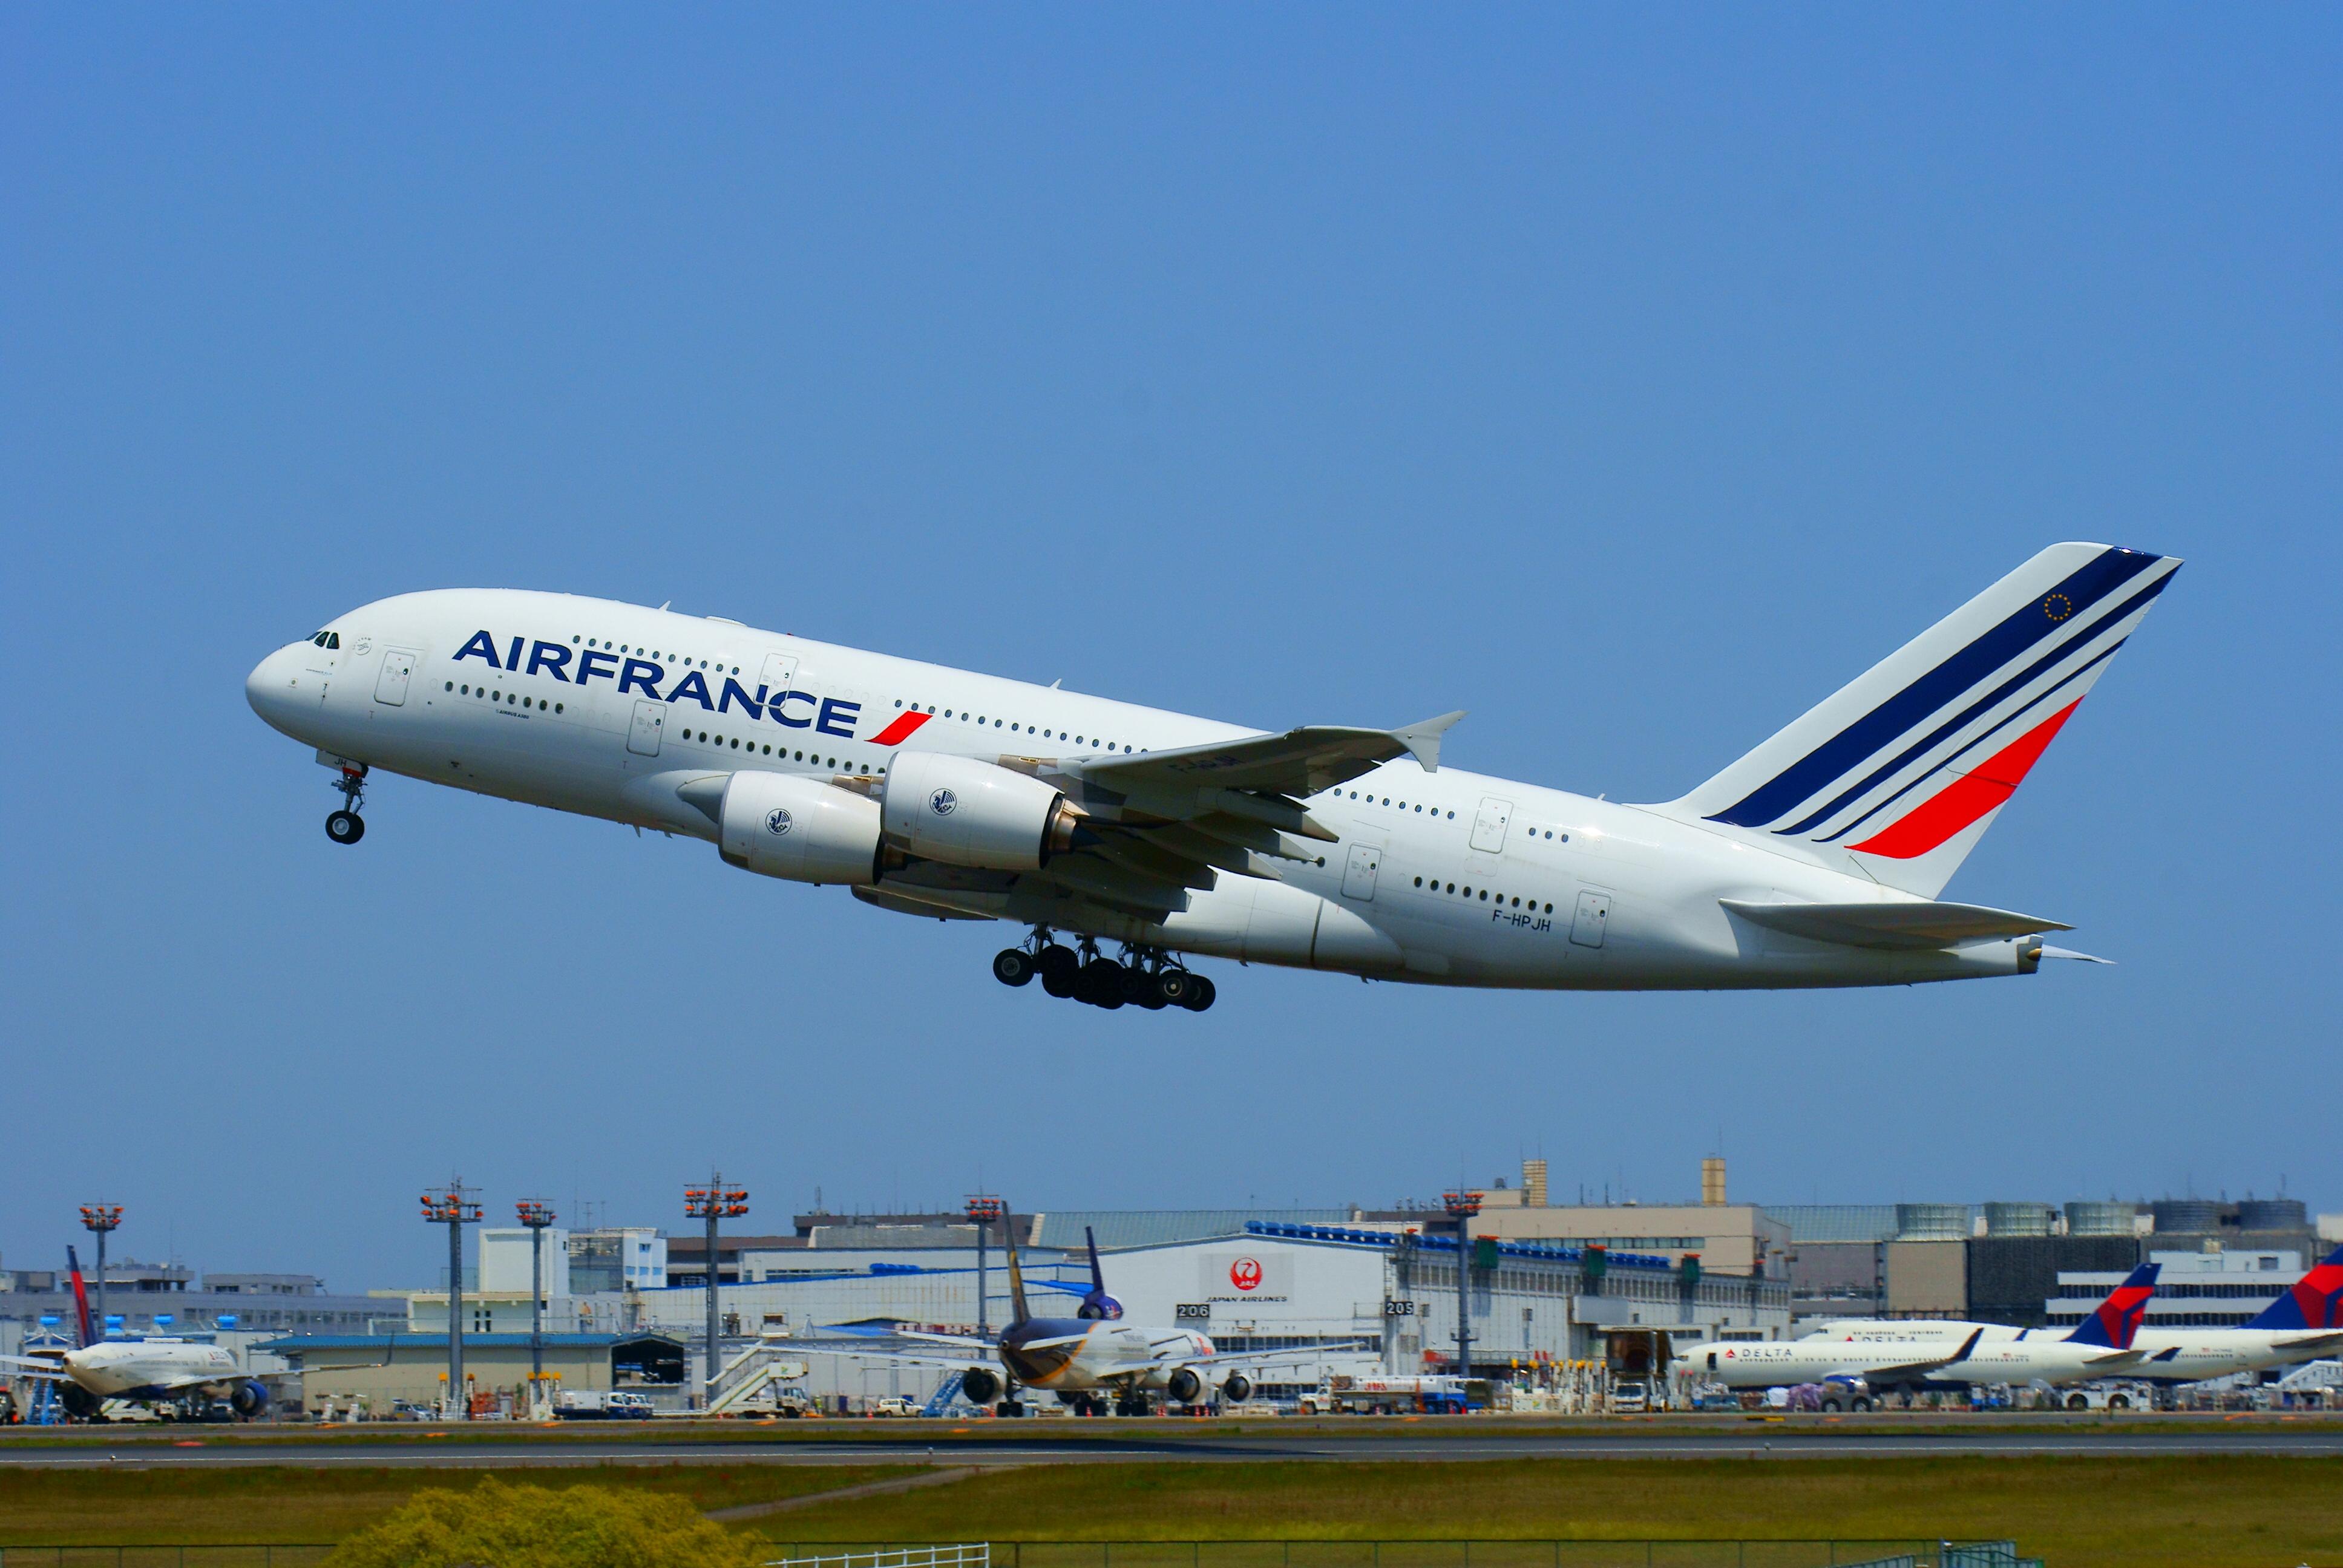 Archivo:Depart ! for Charles de Gaulle.JPG